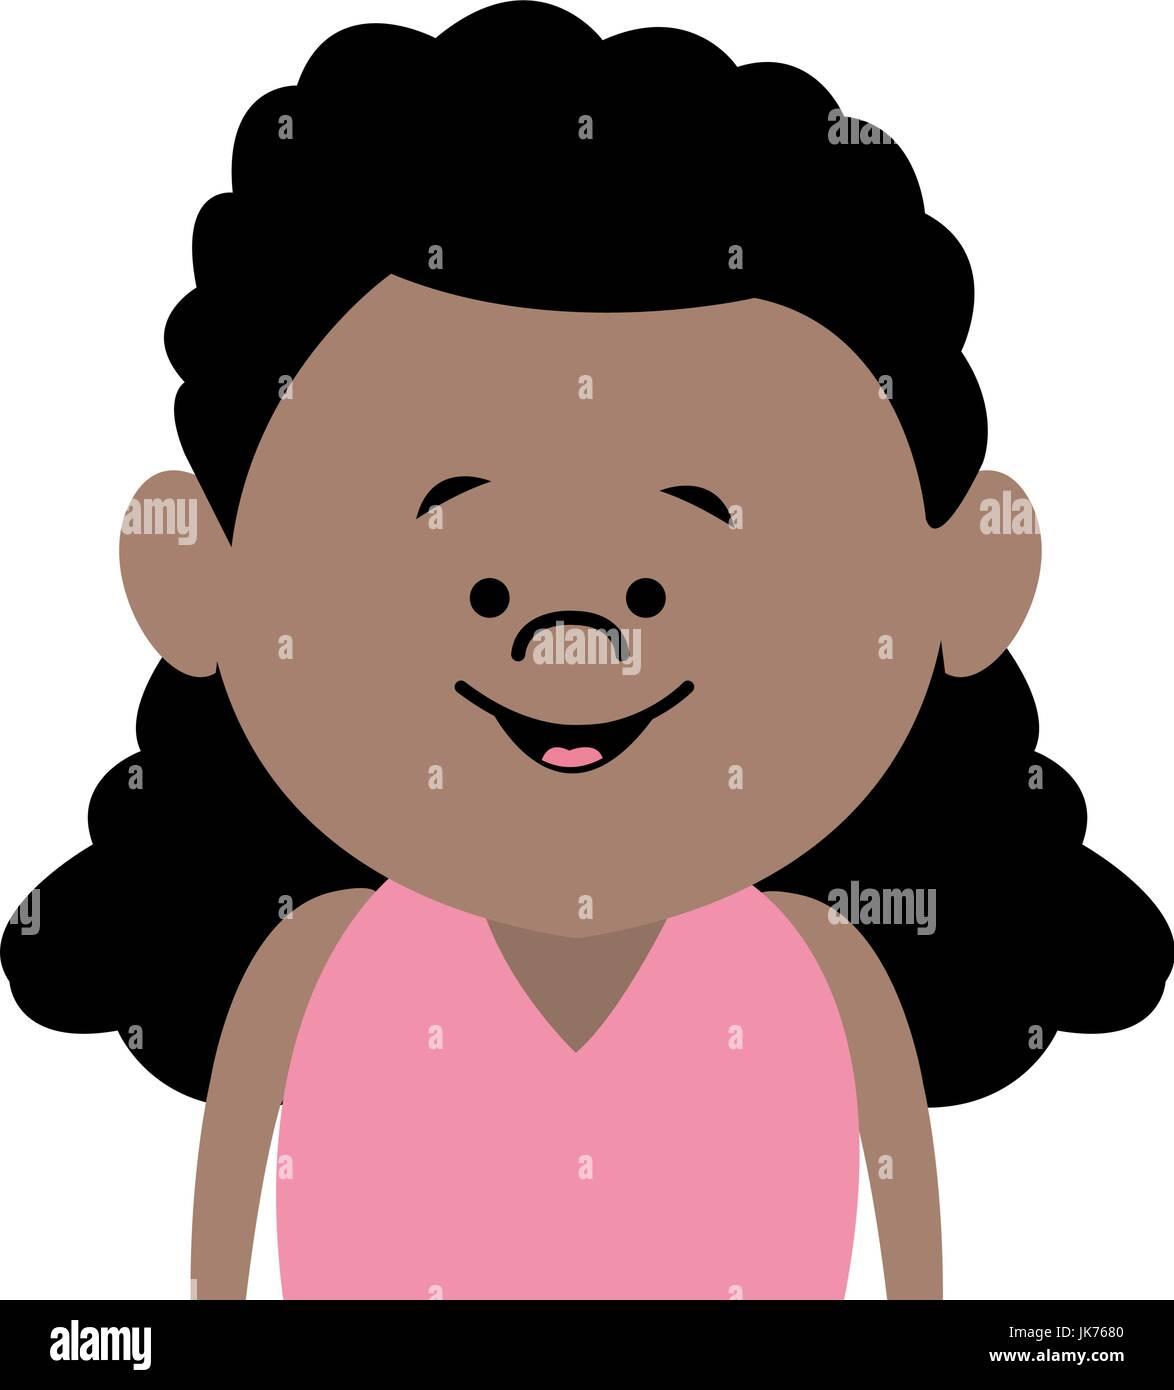 www cartoon sesso pics com